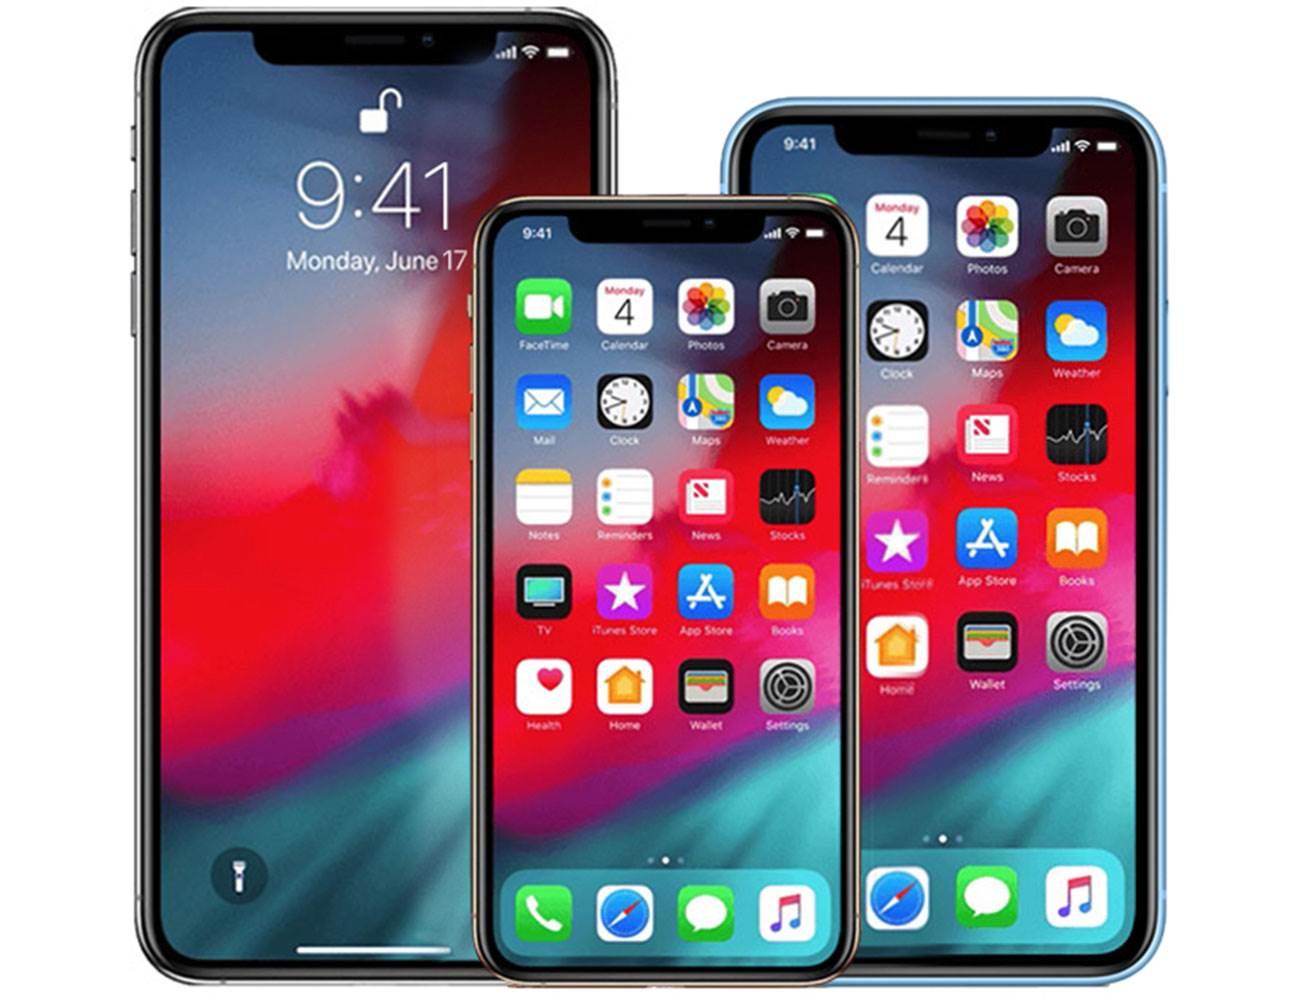 Ile maksymalnie aplikacji zmieści się w iPhone? Sprawdźmy! polecane, ciekawostki iPhone, Aplikacje  Zastanawialiście się kiedyś ile maksymalnie aplikacji można zainstalować na iPhone? Dziś odpowiemy Wam na to pytanie! iPhone 2